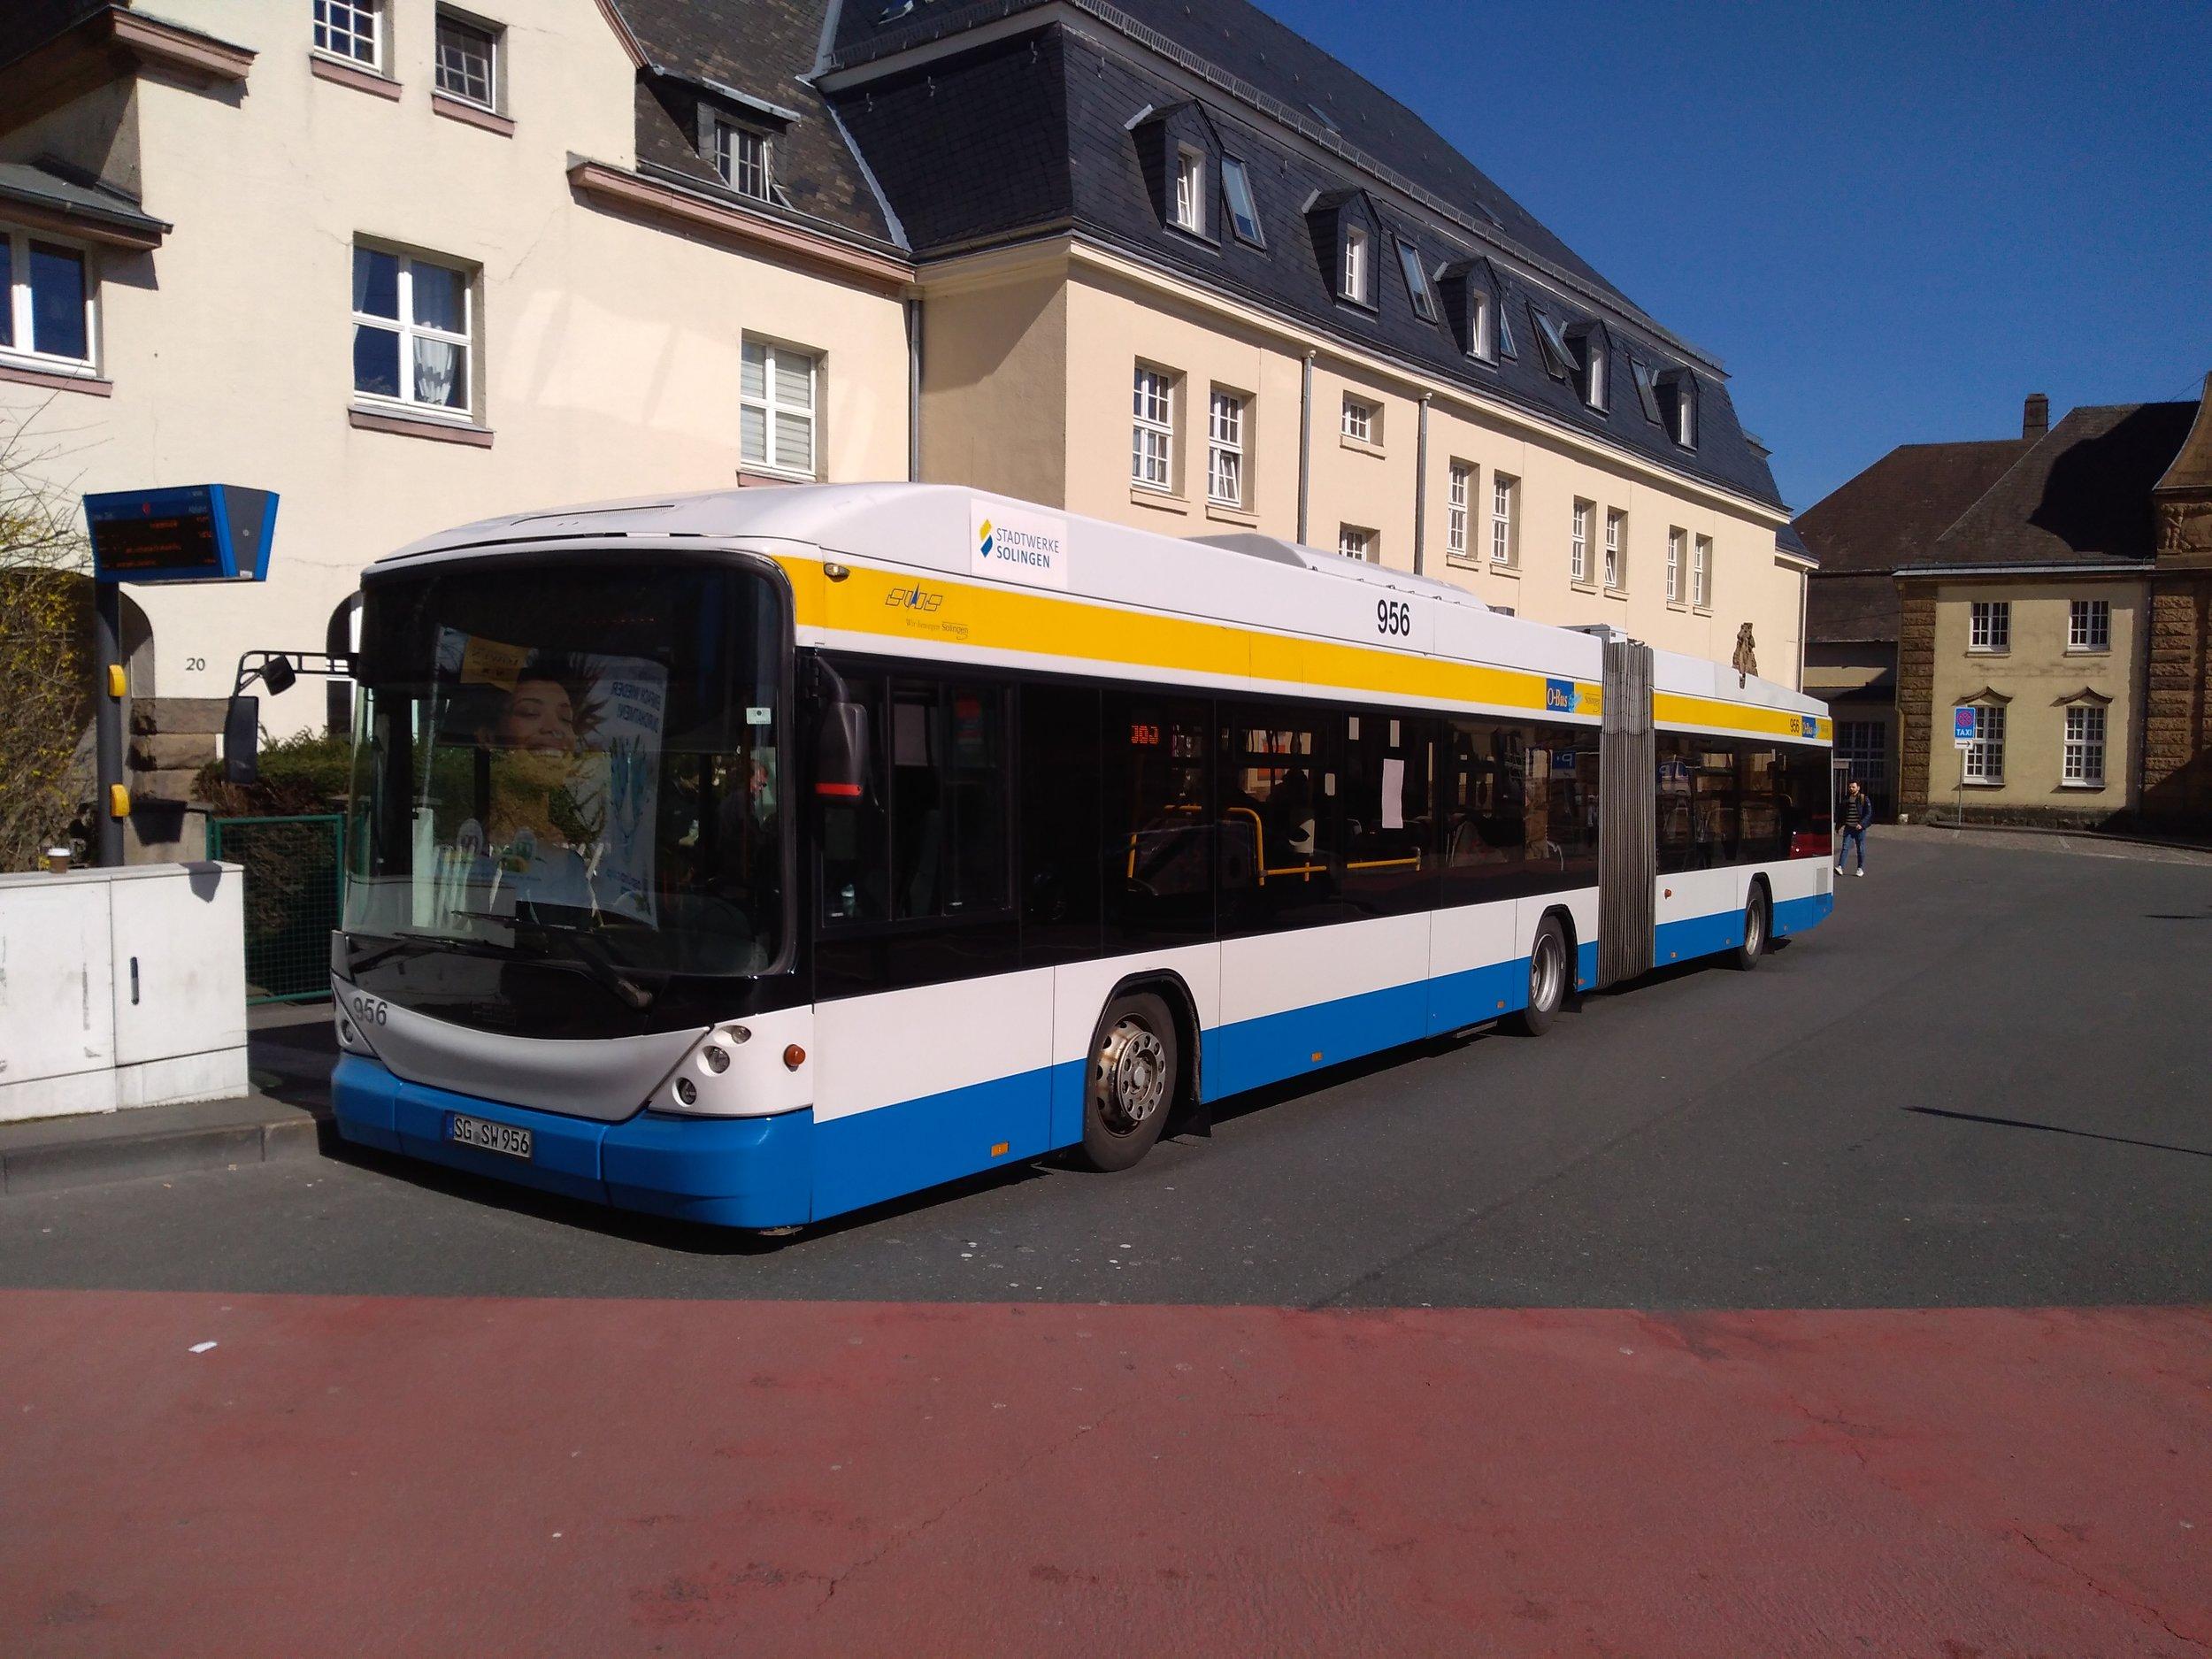 Konečná Vohwinkel Bahnhof ve wuppertalském obvodu Vohwinkel je obsluhovaná trolejbusovou linkou 683 a názorně ukazuje, že je možné trolejbusy propojovat i spolu sousedící města. Do Wuppertalu trolejbusová trať vede, jenže posledních zhruba 500 m k danému nádraží je nezatrolejovaných, neboť podjezd pod železniční tratí je pro vedení trolejí příliš nízký (a snížení úrovně vozovky značně nákladné) a vlastnické poměry na konečné u nádraží zřízení trolejového vedení zatím neumožnily.